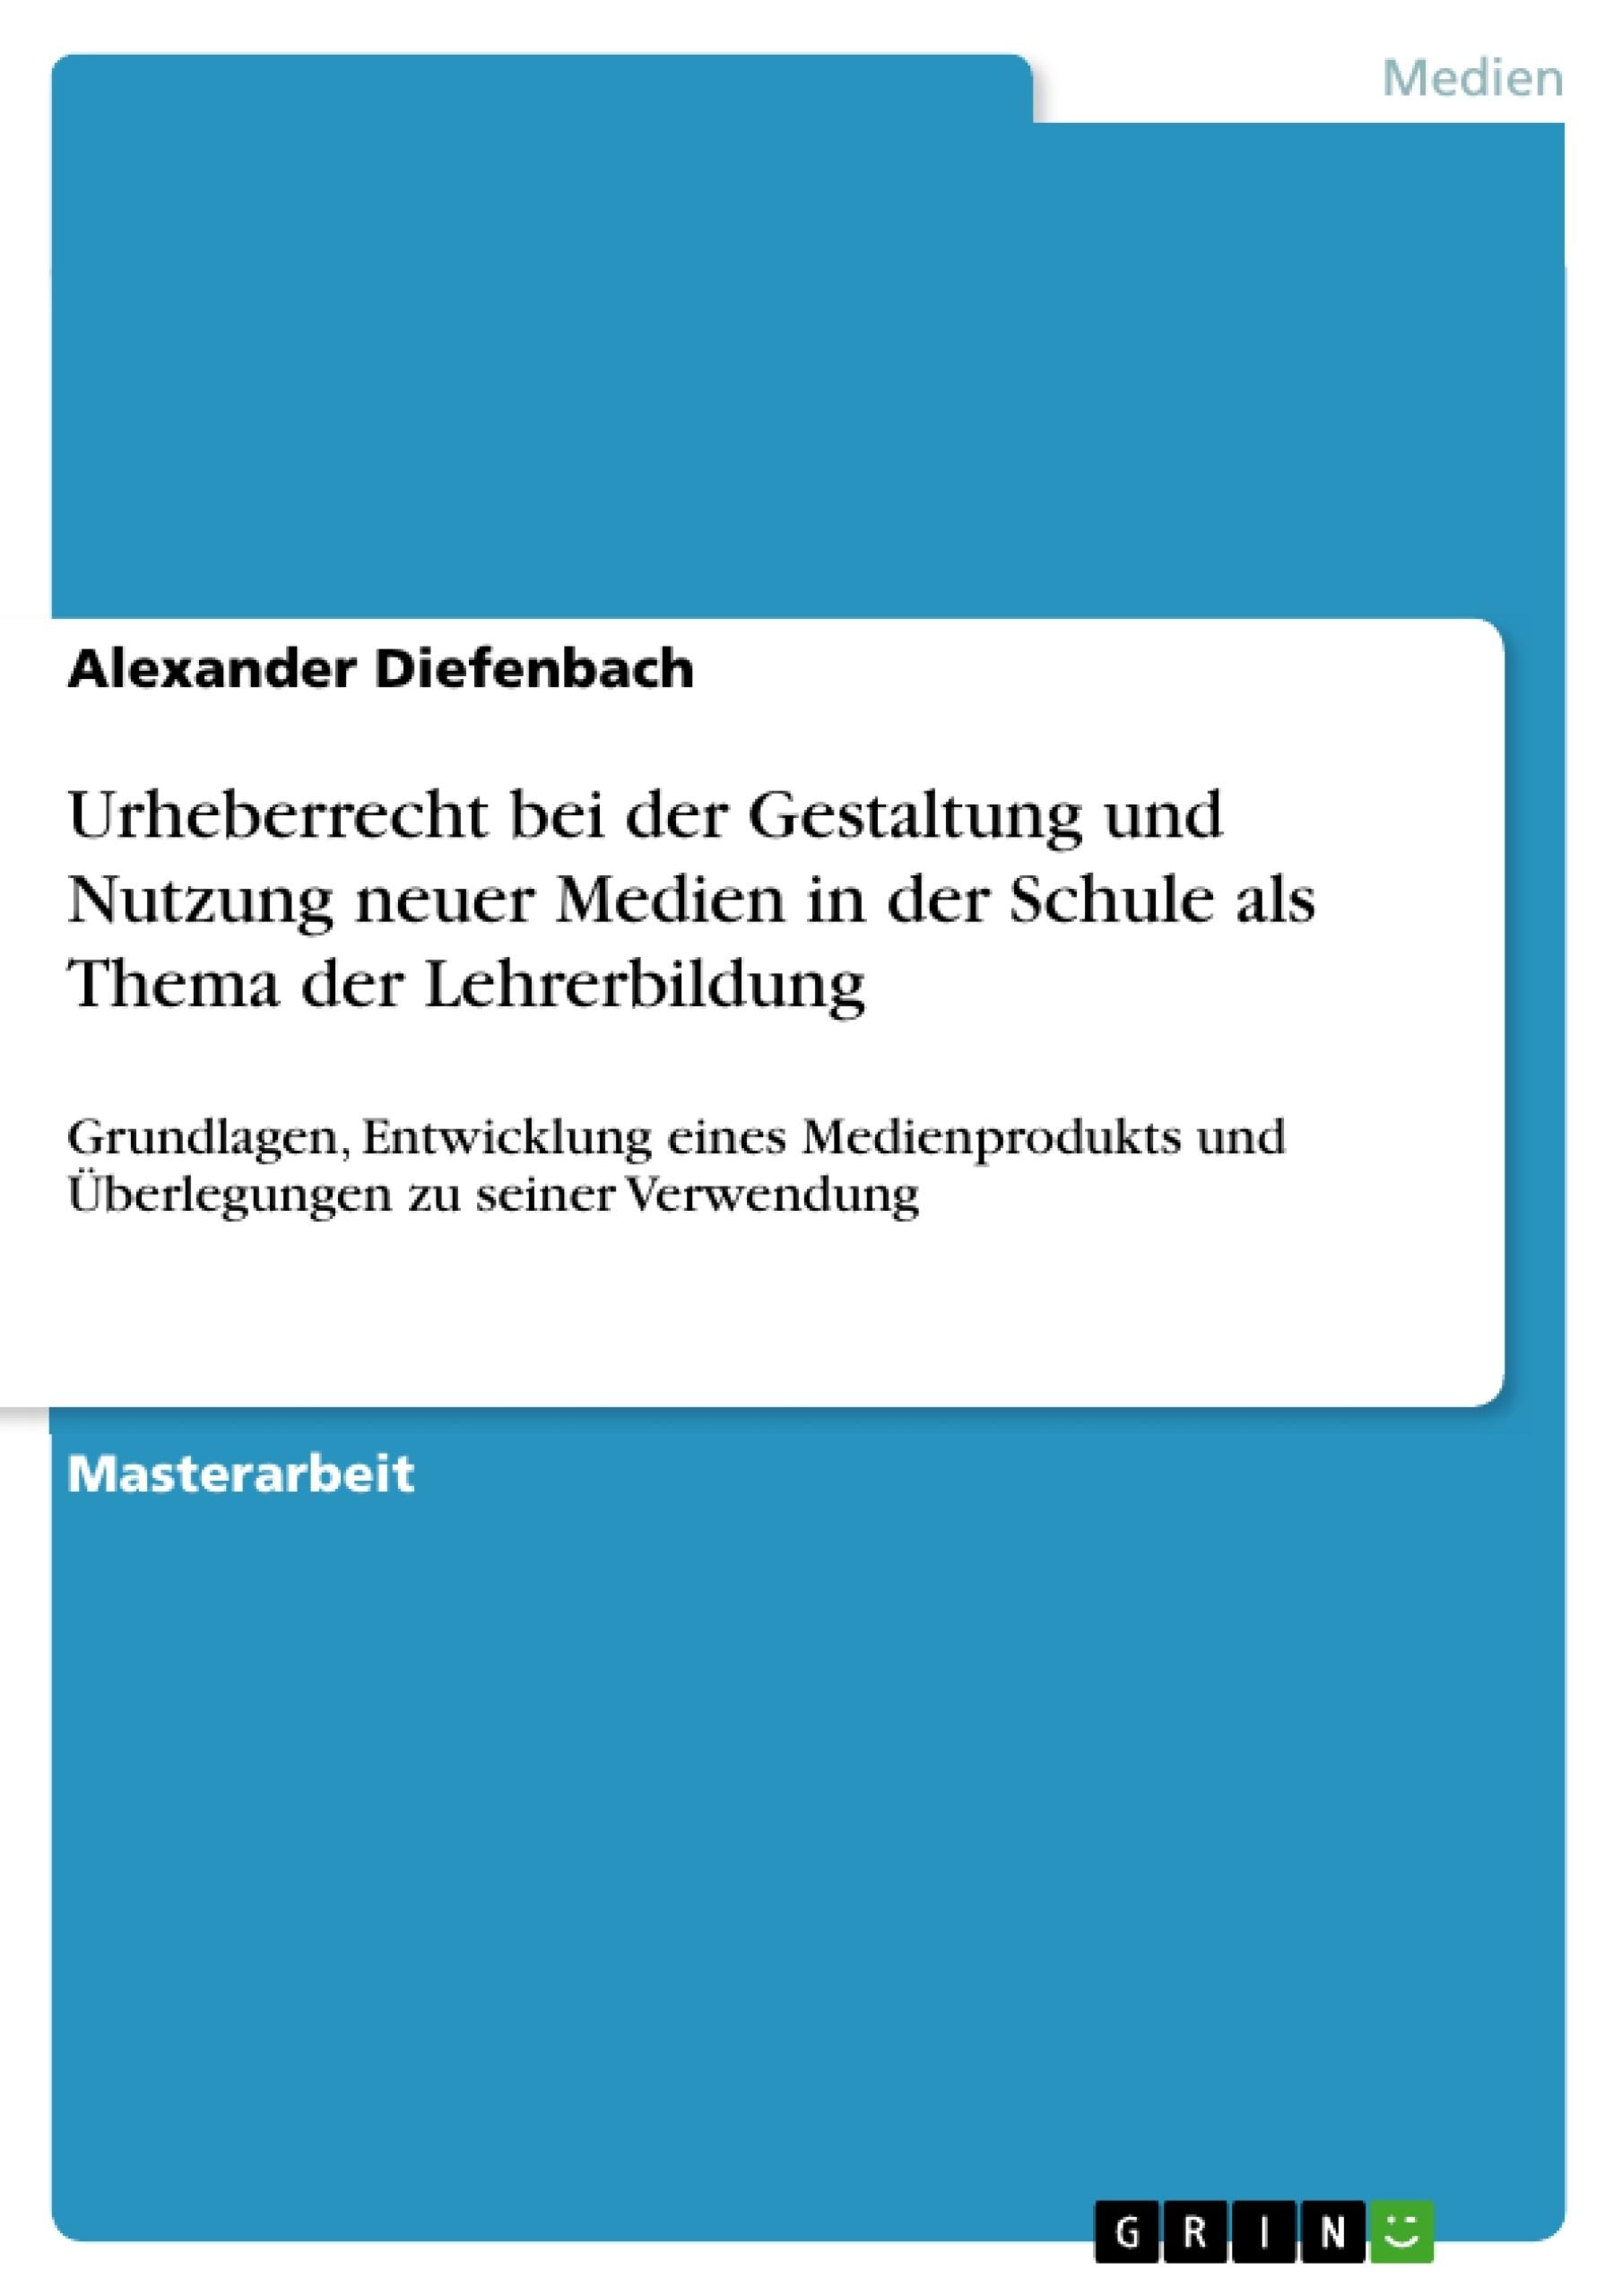 Titel: Urheberrecht bei der Gestaltung und Nutzung neuer Medien in der Schule als Thema der Lehrerbildung